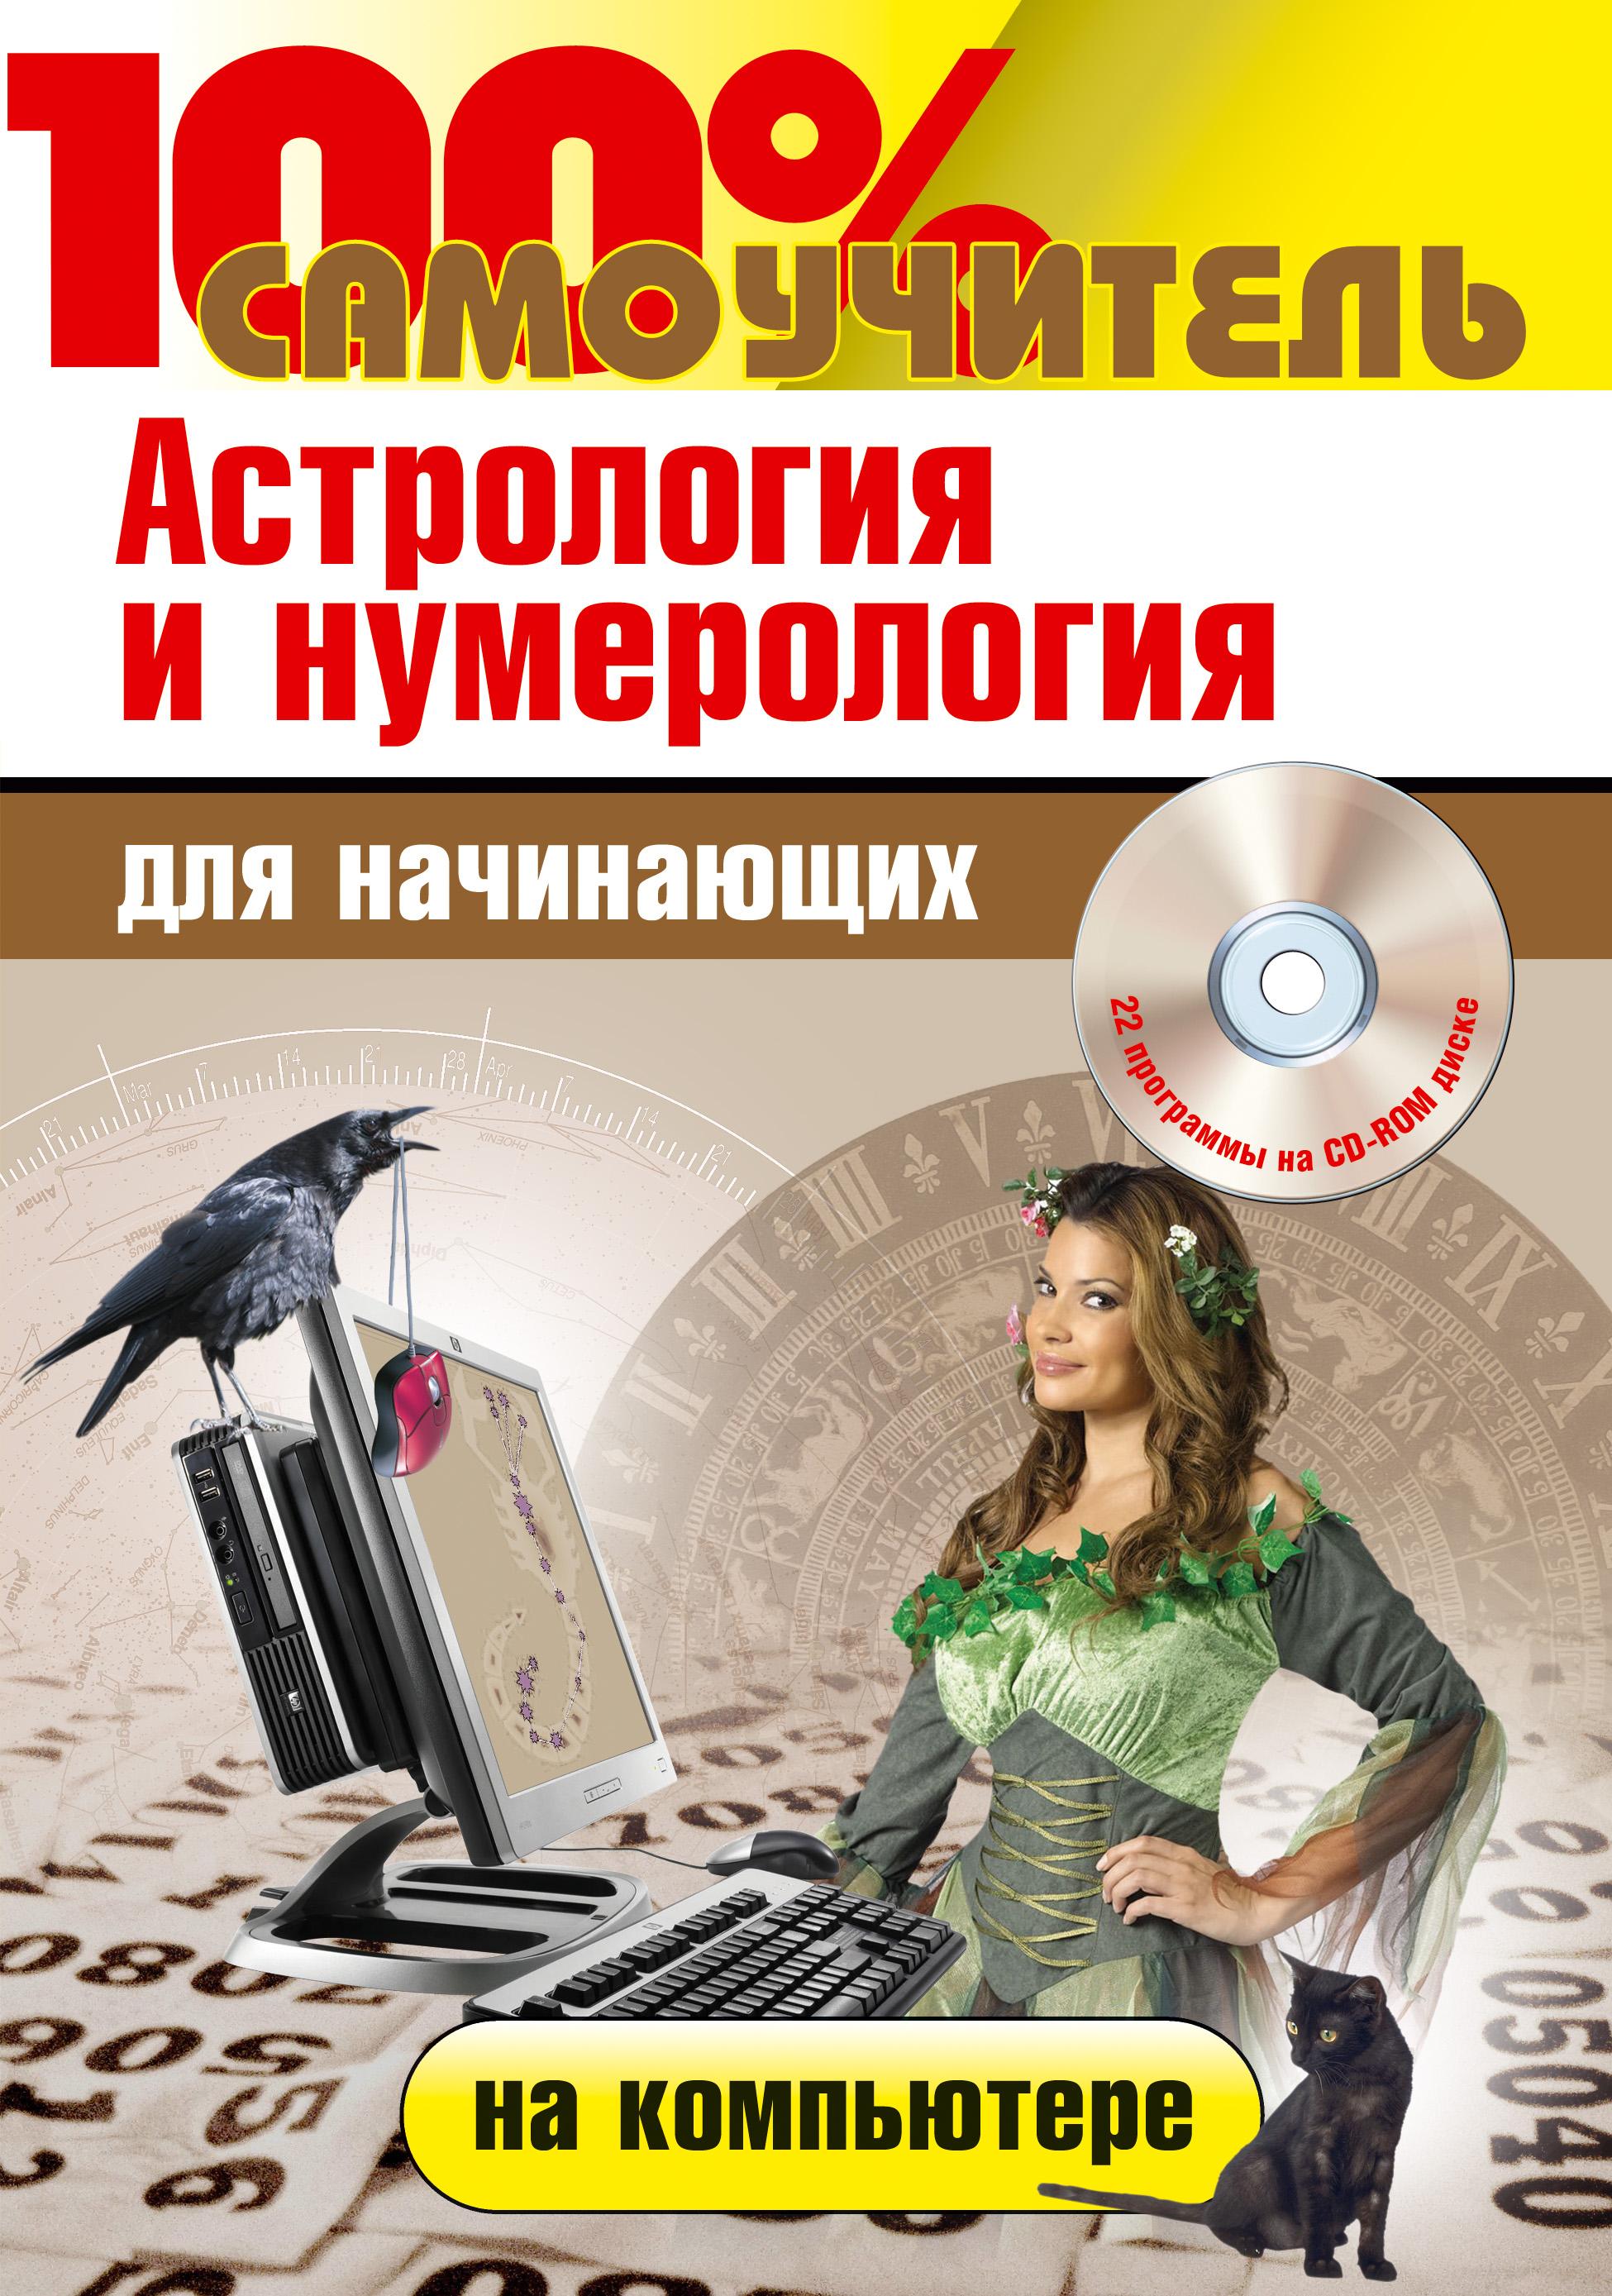 Николай Колесниченко Астрология и нумерология на компьютере для начинающих гладкий а скачать бесплатно